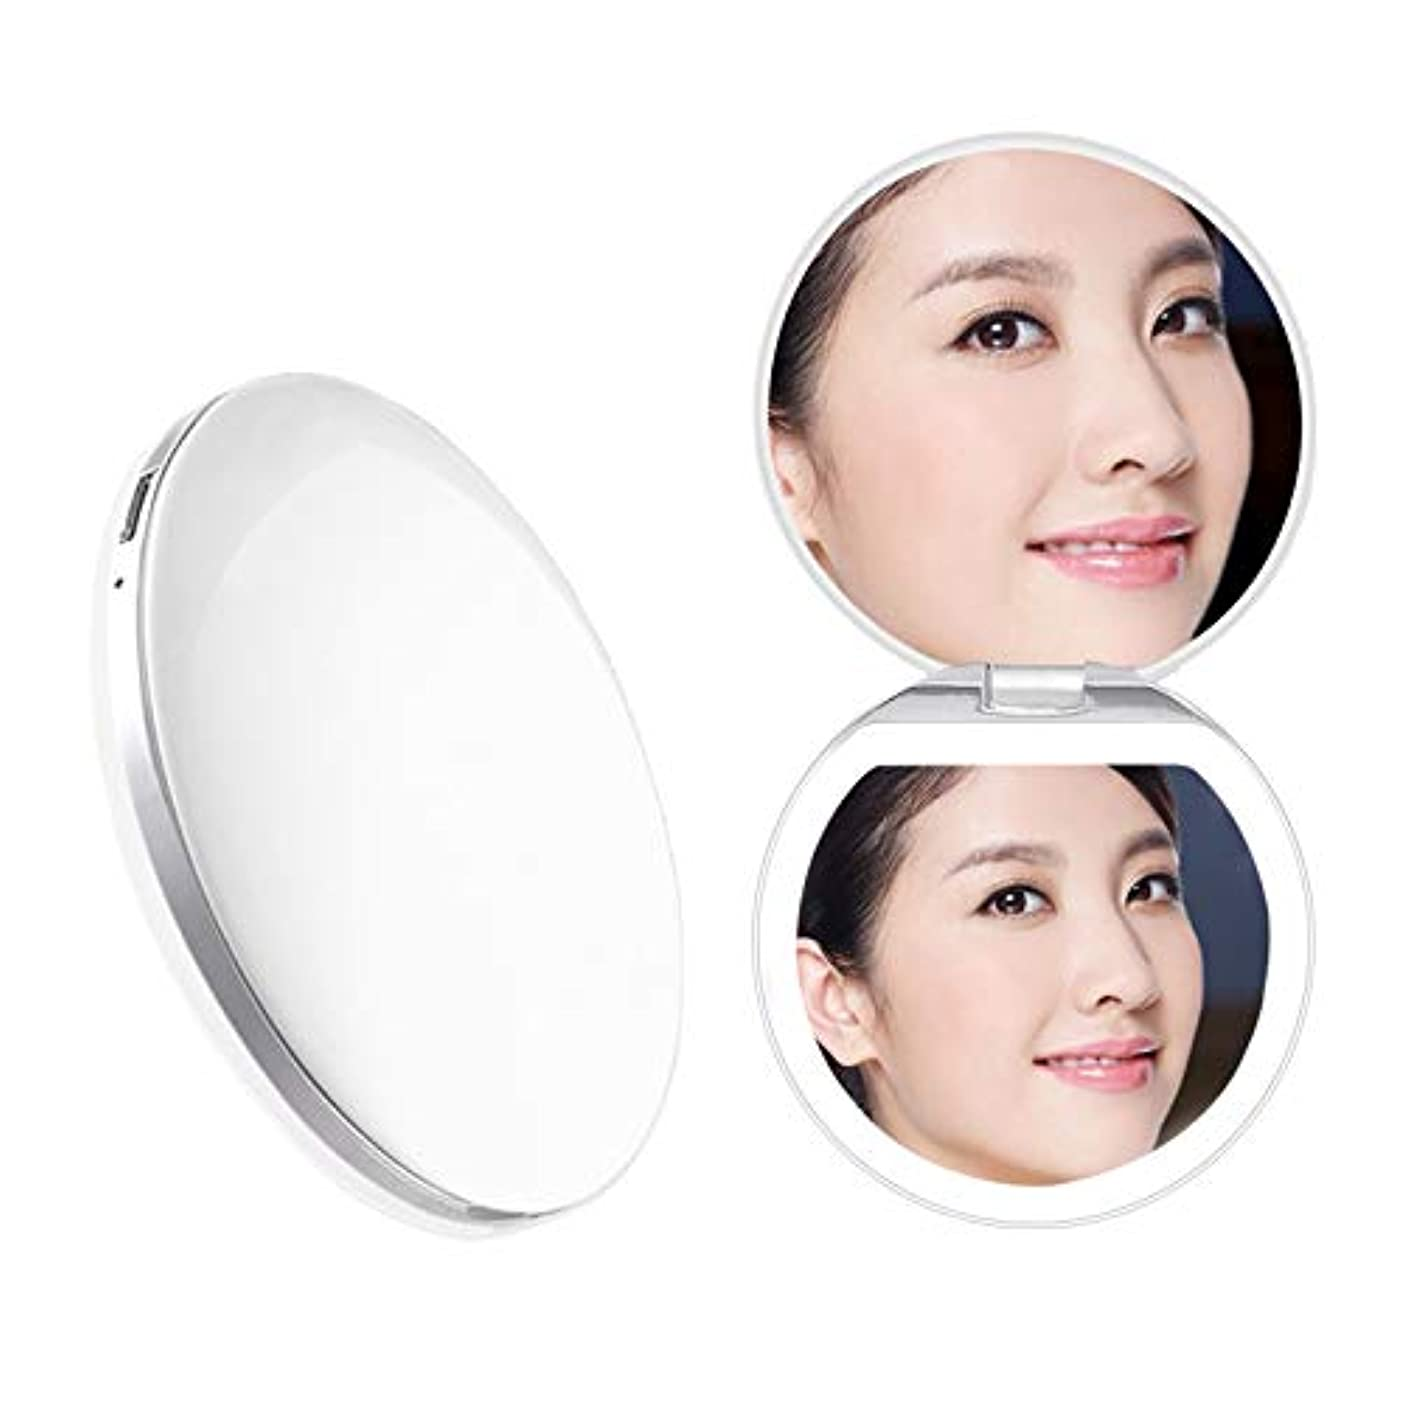 先史時代の征服必要としているHeartyfly 携帯ミラー 鏡 LED手鏡  二面鏡 折り畳み式化粧鏡 メイクアップミラー usb充電 3倍拡大 持ちやすい 便利 (ピンク)